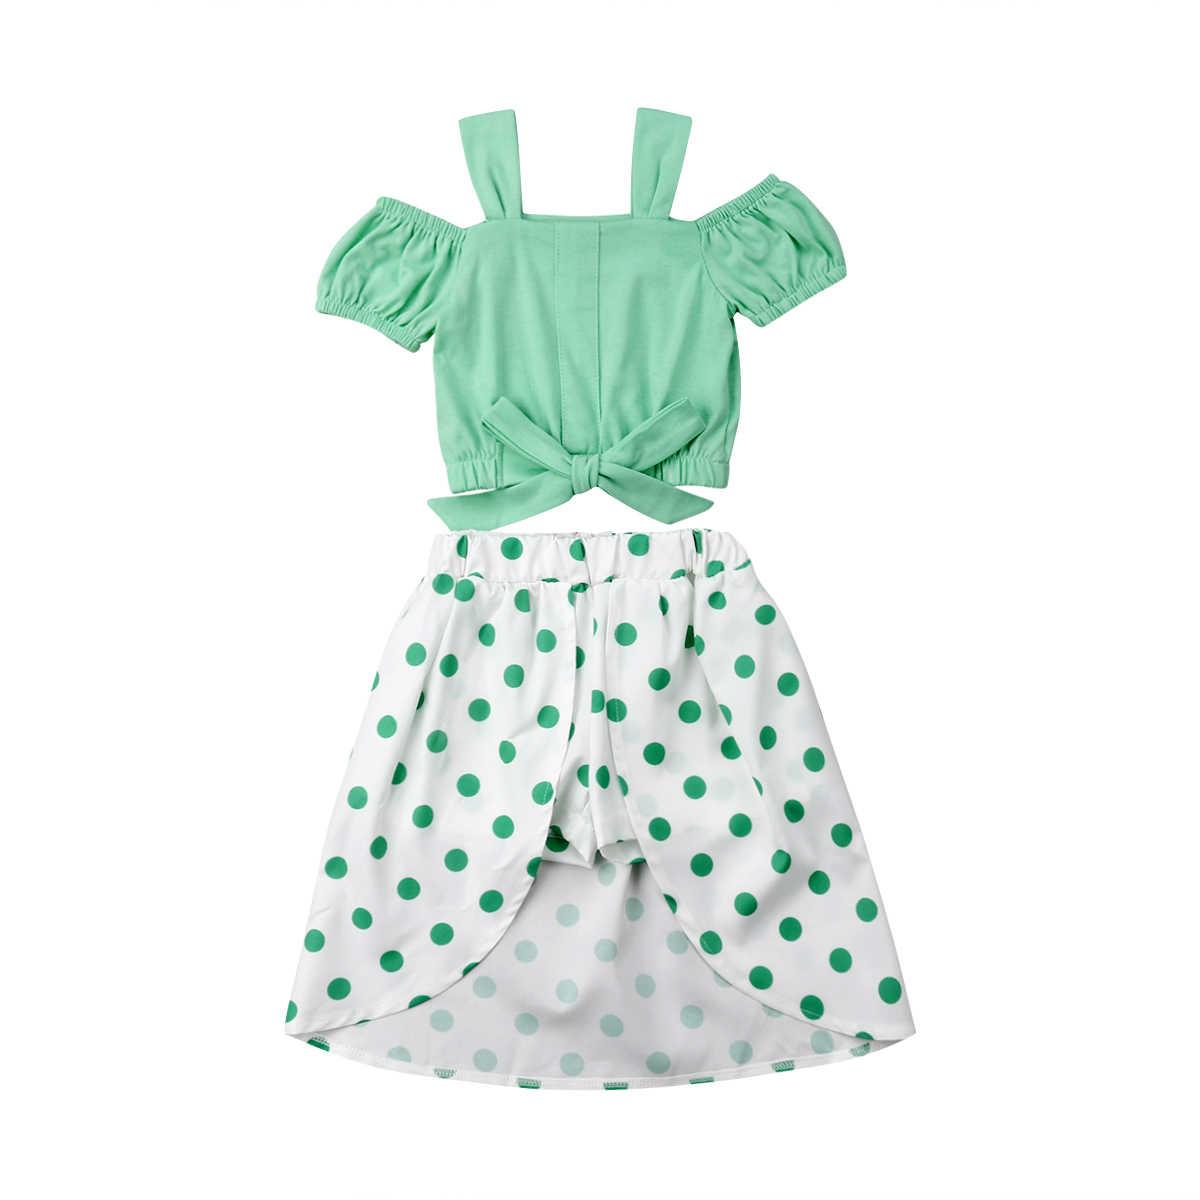 Летняя одежда для маленьких девочек из 2 предметов топы с открытыми плечами +